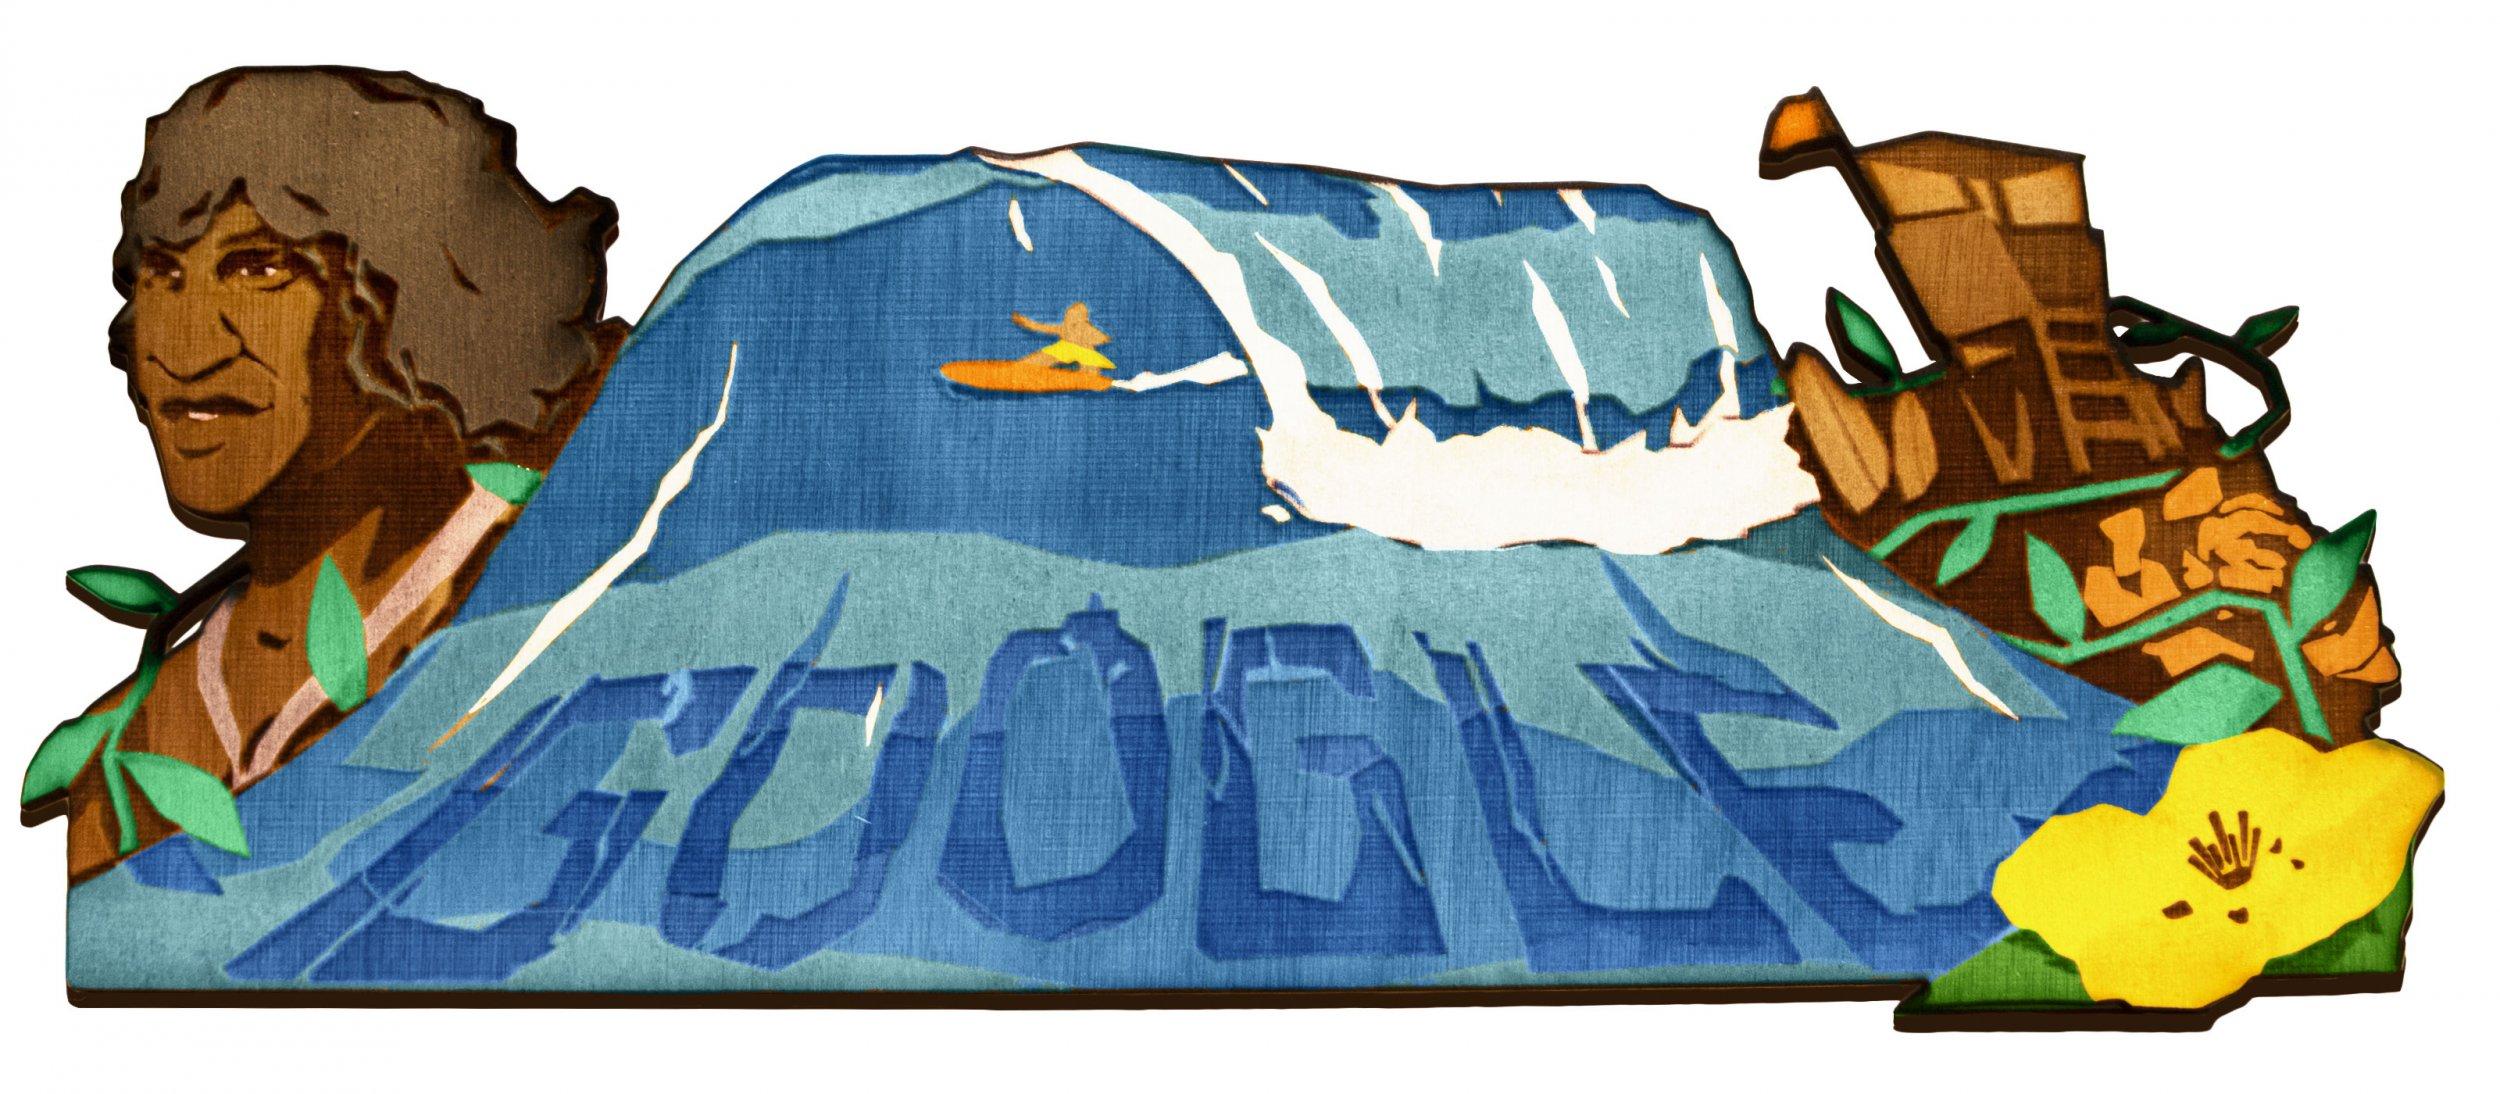 Eddie Aikau google doodle facts